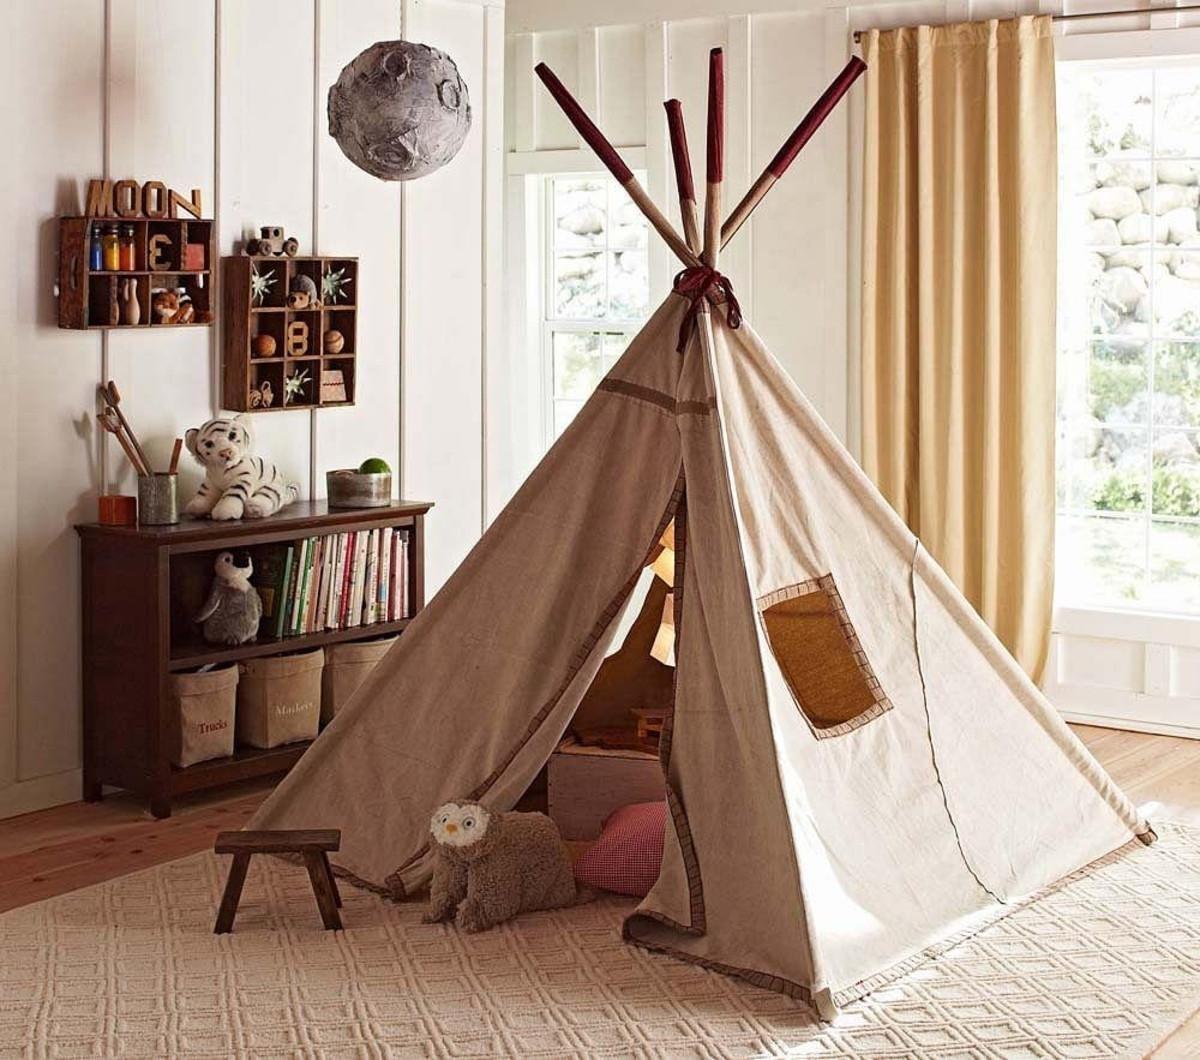 Каждый ребёнок в детстве мастерил себе домик или шалаш (палатку) в своей комнате, но сейчас модно делать.